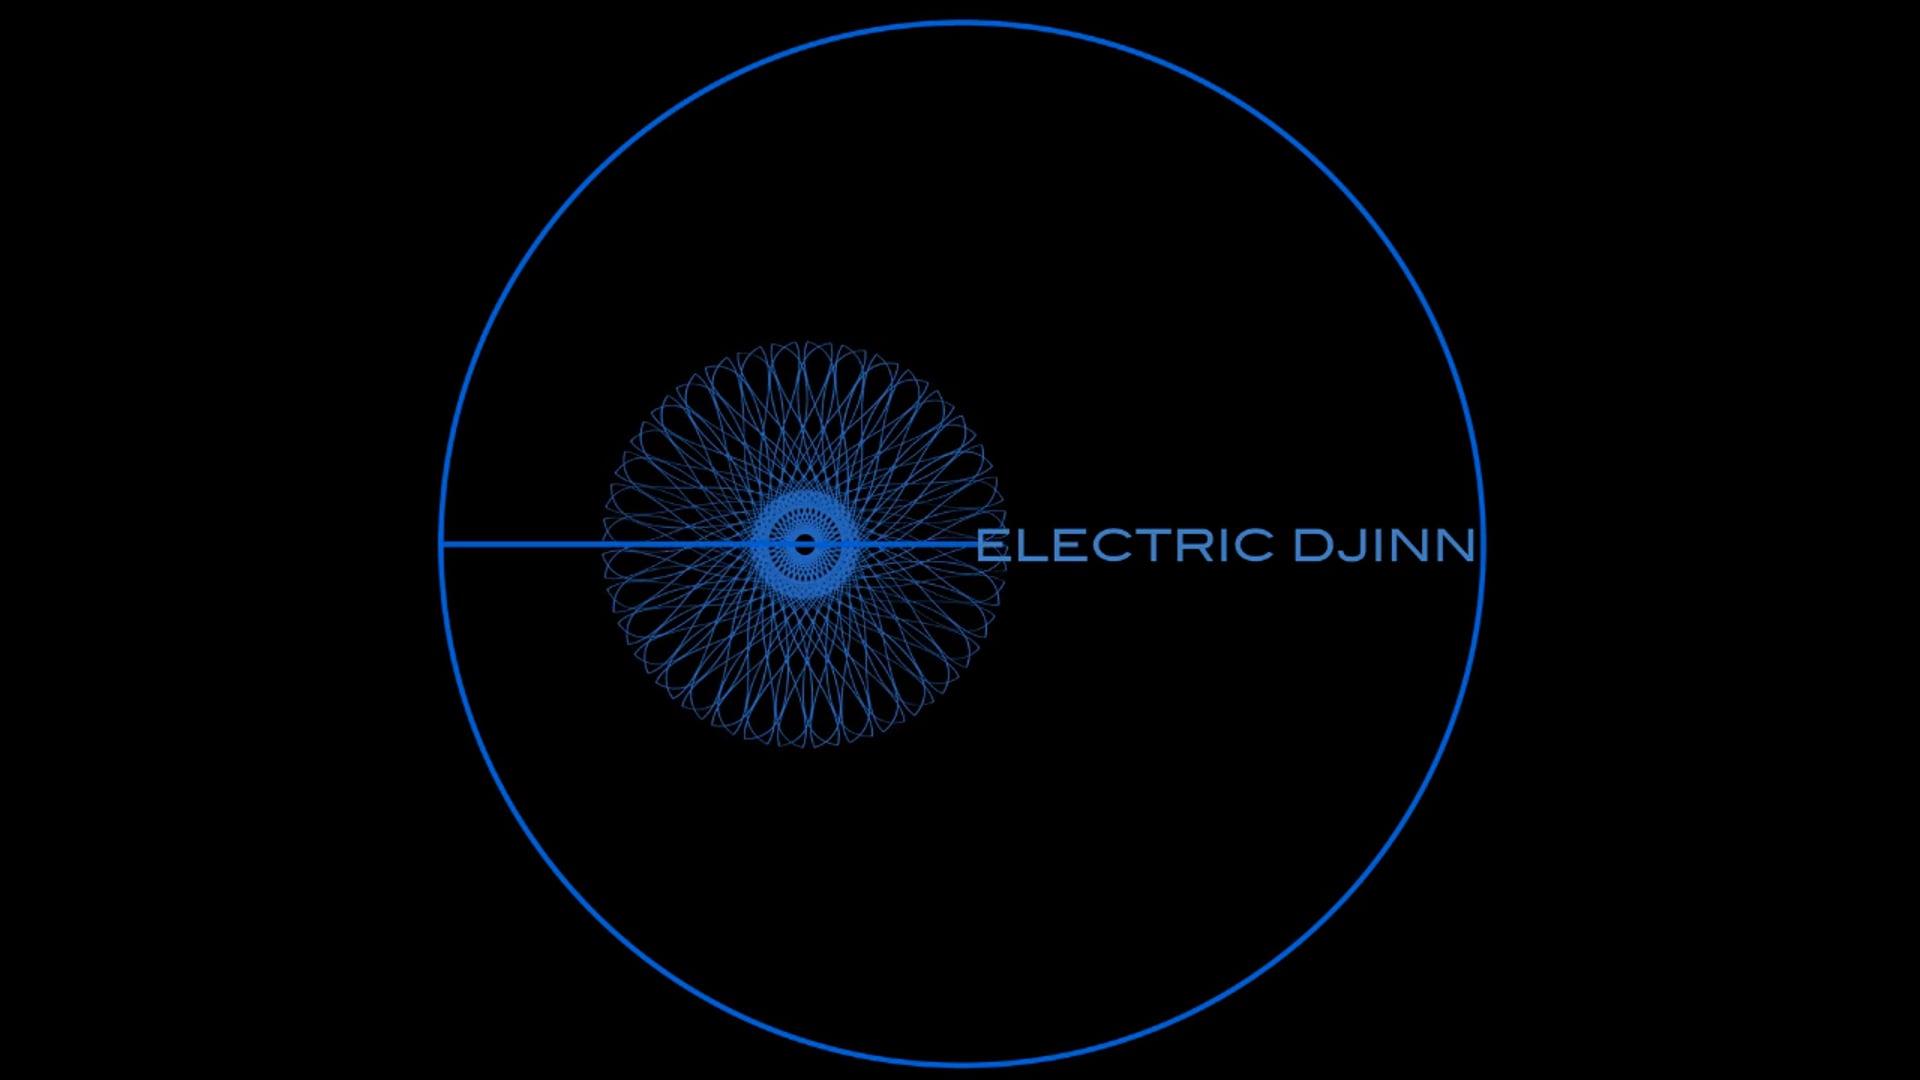 Electric Djinn-Phoenix